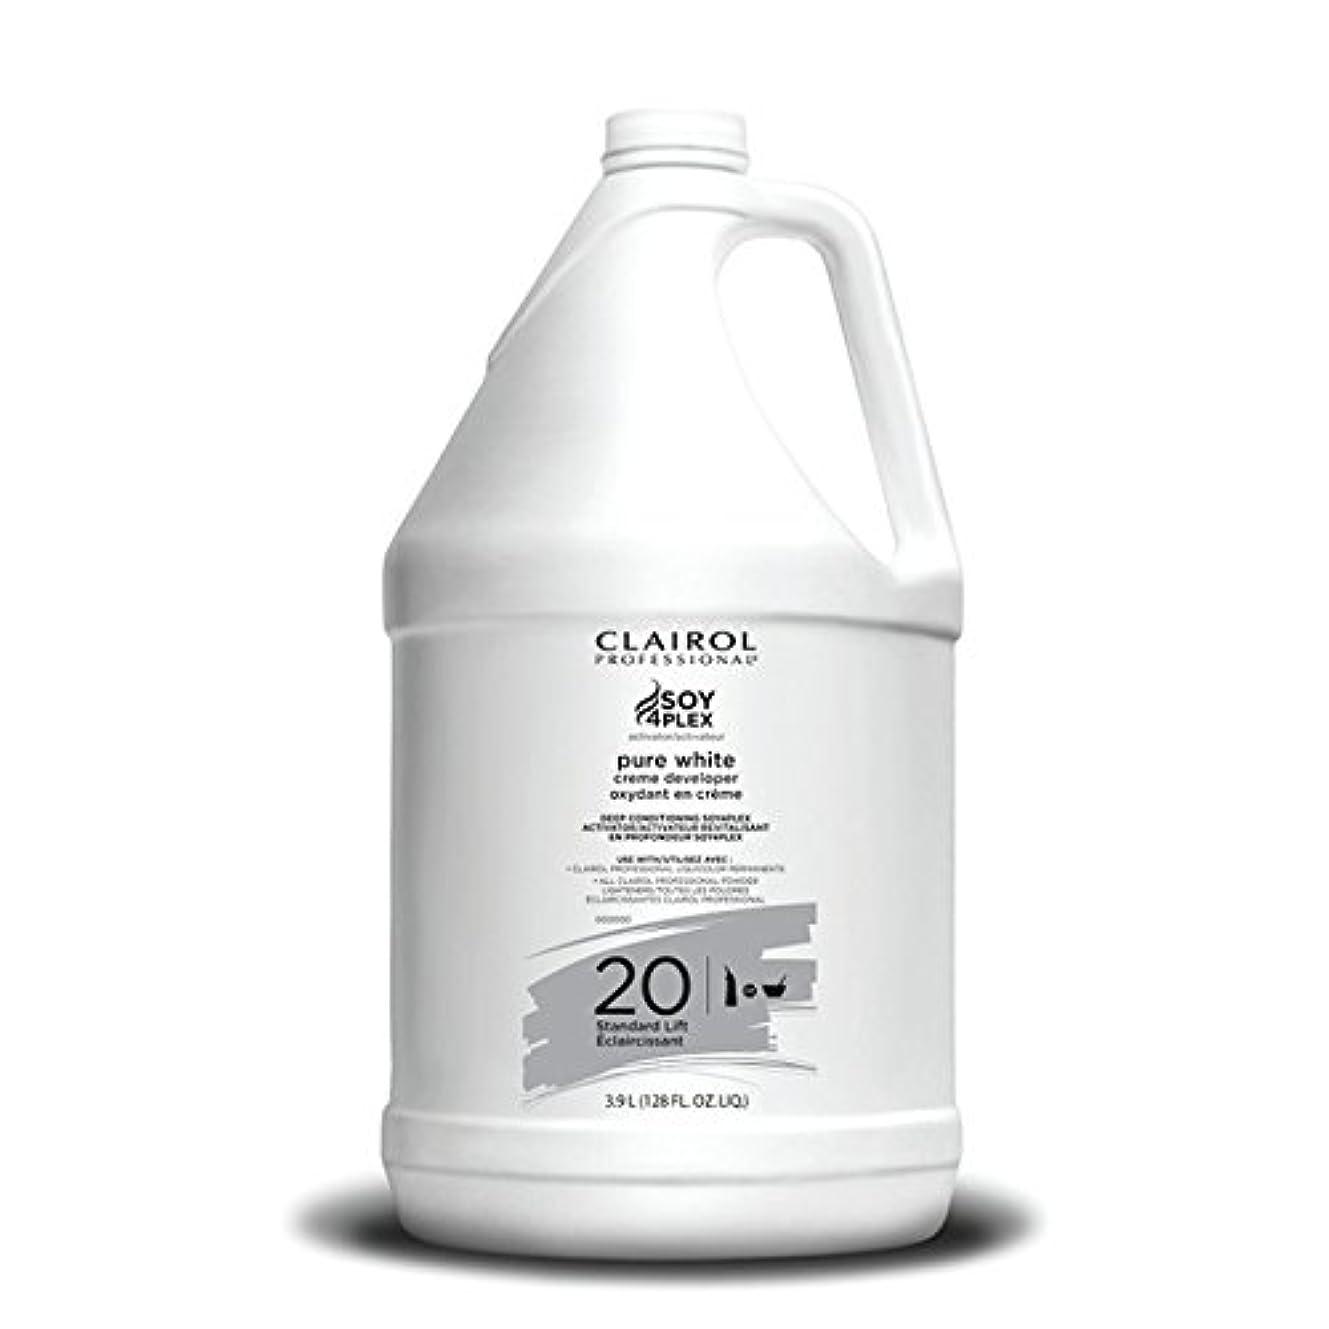 谷荒らす見えるClairol Professional Soy4plex Pure White Creme Hair Color Developer, 20 Volume